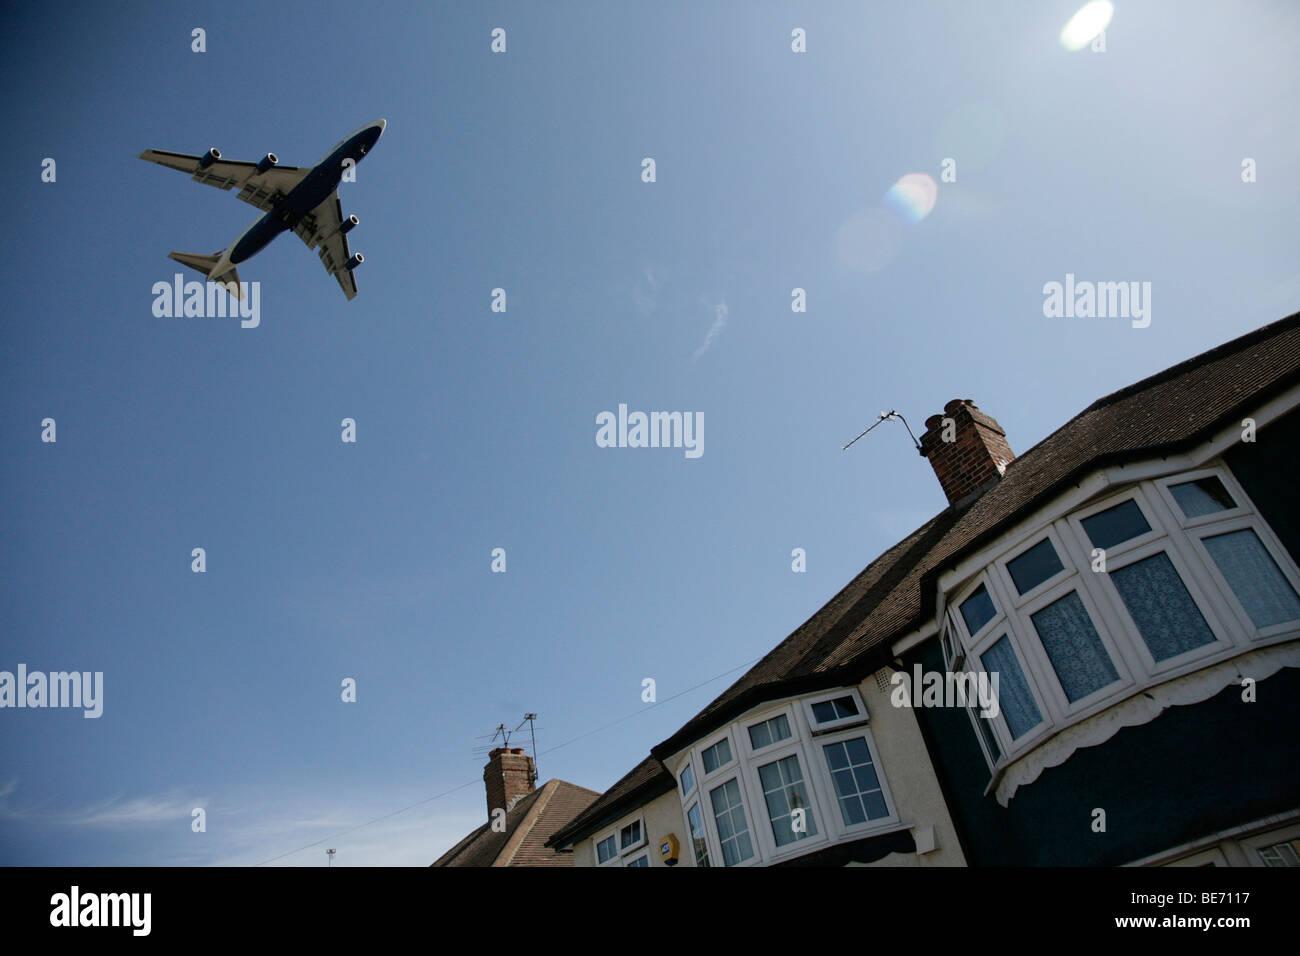 Aereo sopra casa vicino aeroporto di Heathrow Immagini Stock